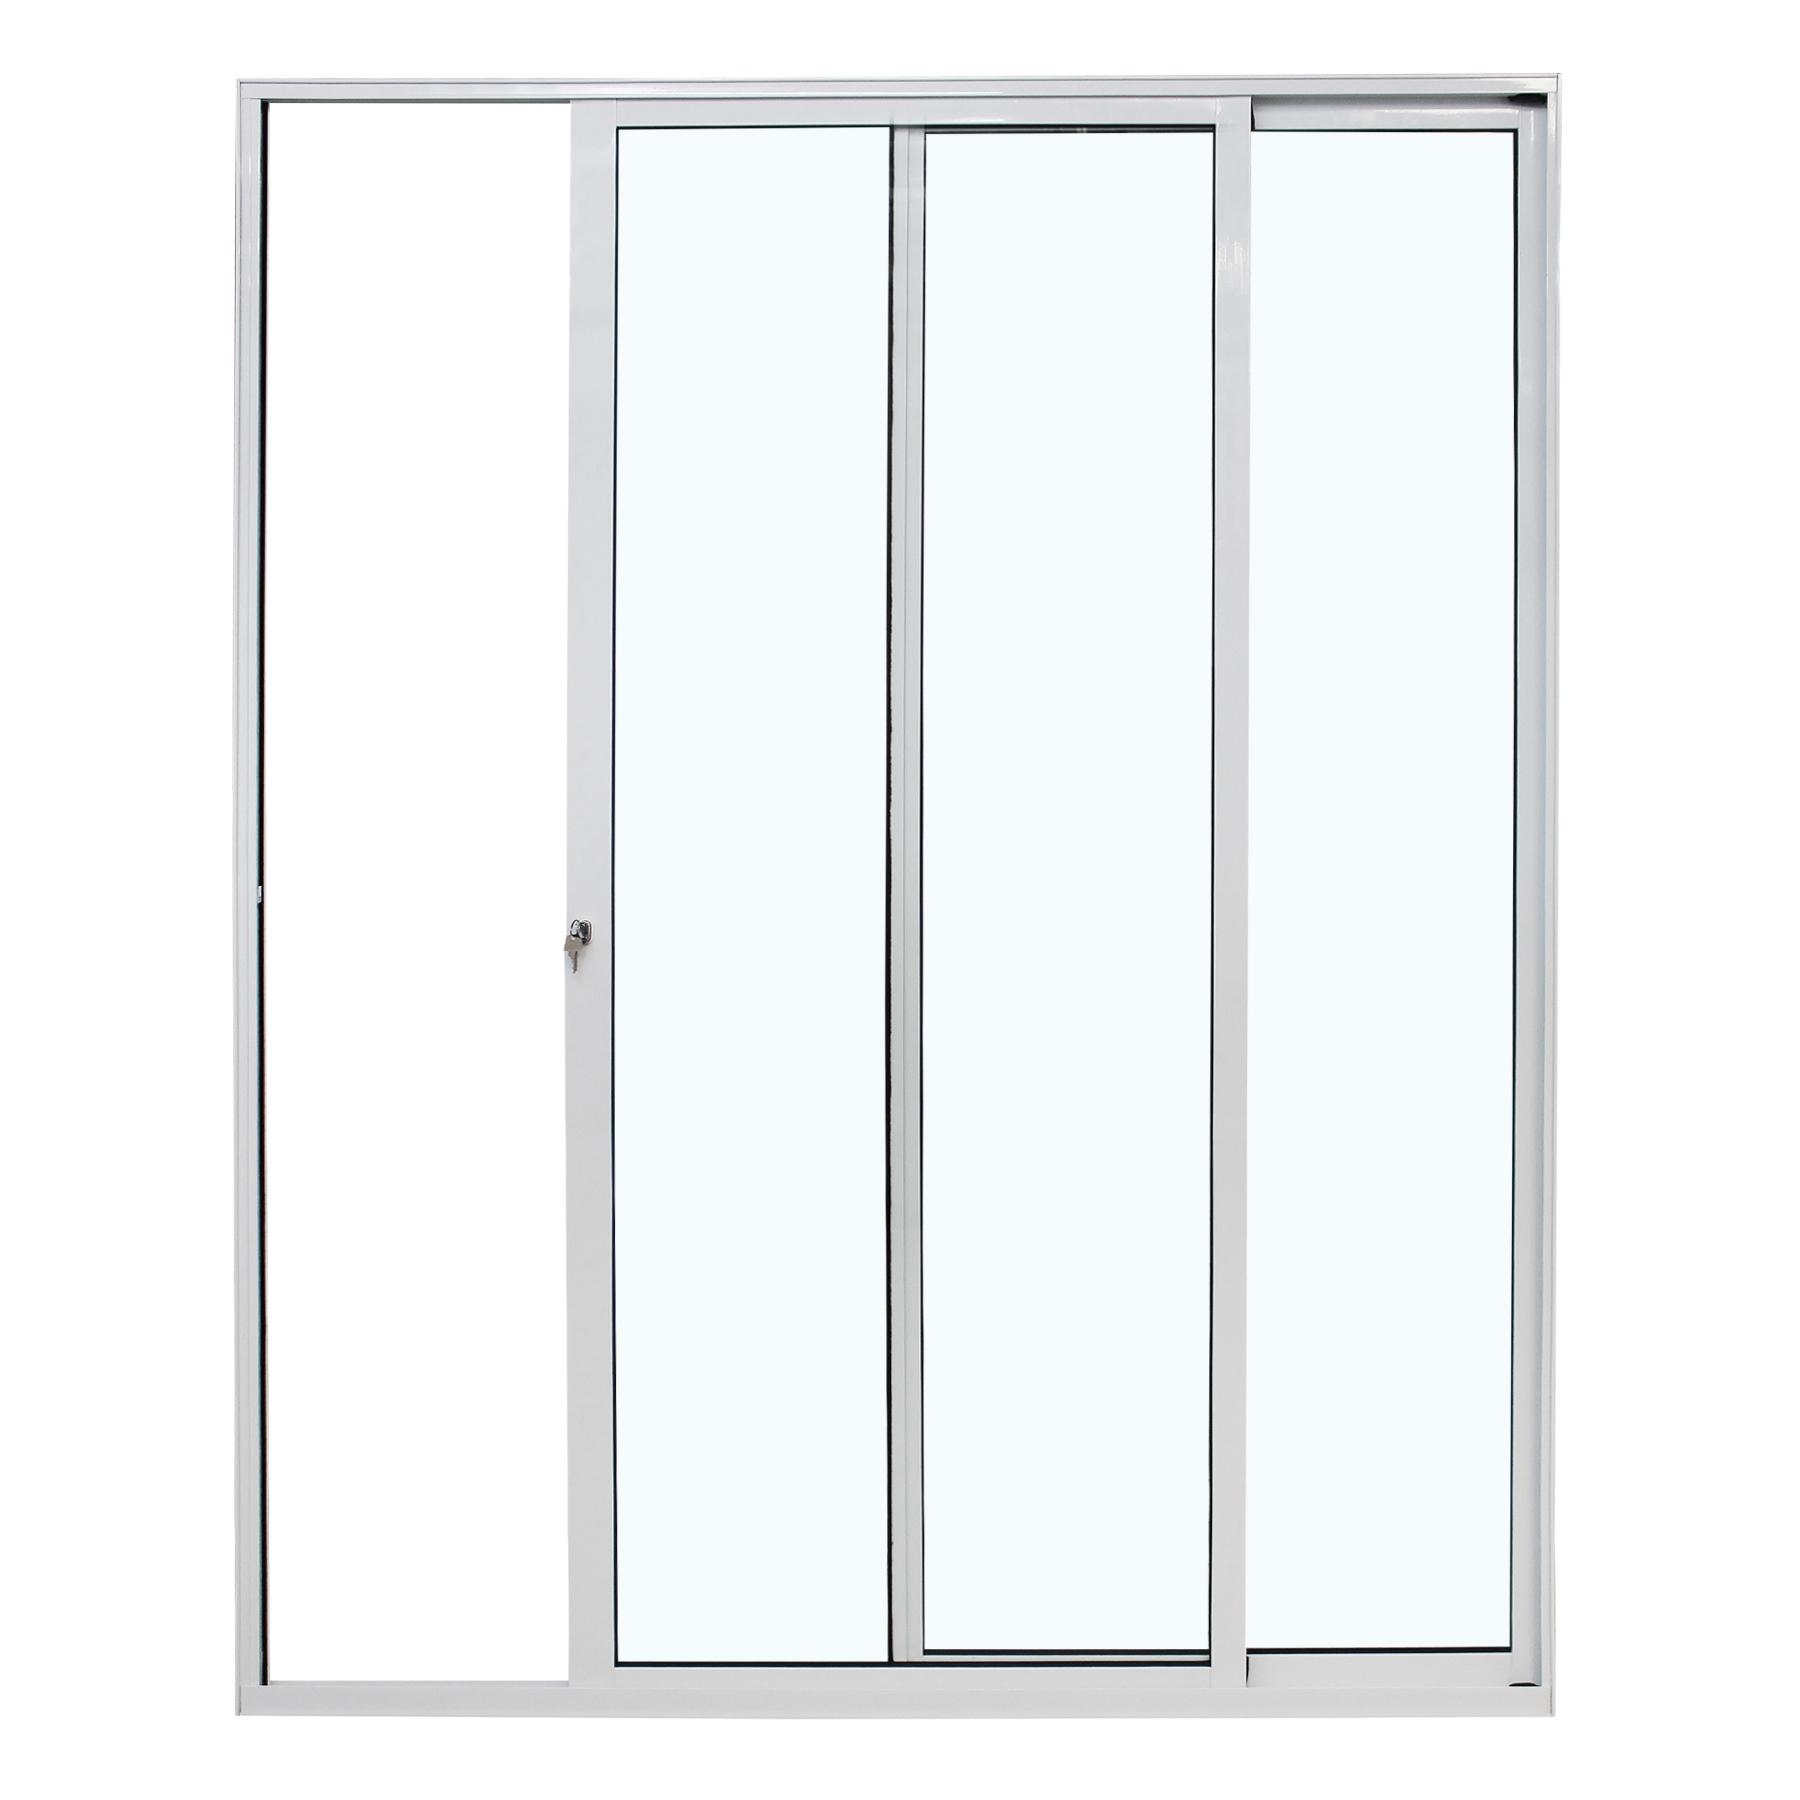 Porta de correr com 2 folhas móveis sem travessa, fecho de sobrepor e fechadura com chave - 2 vidros - 150x210 - Home